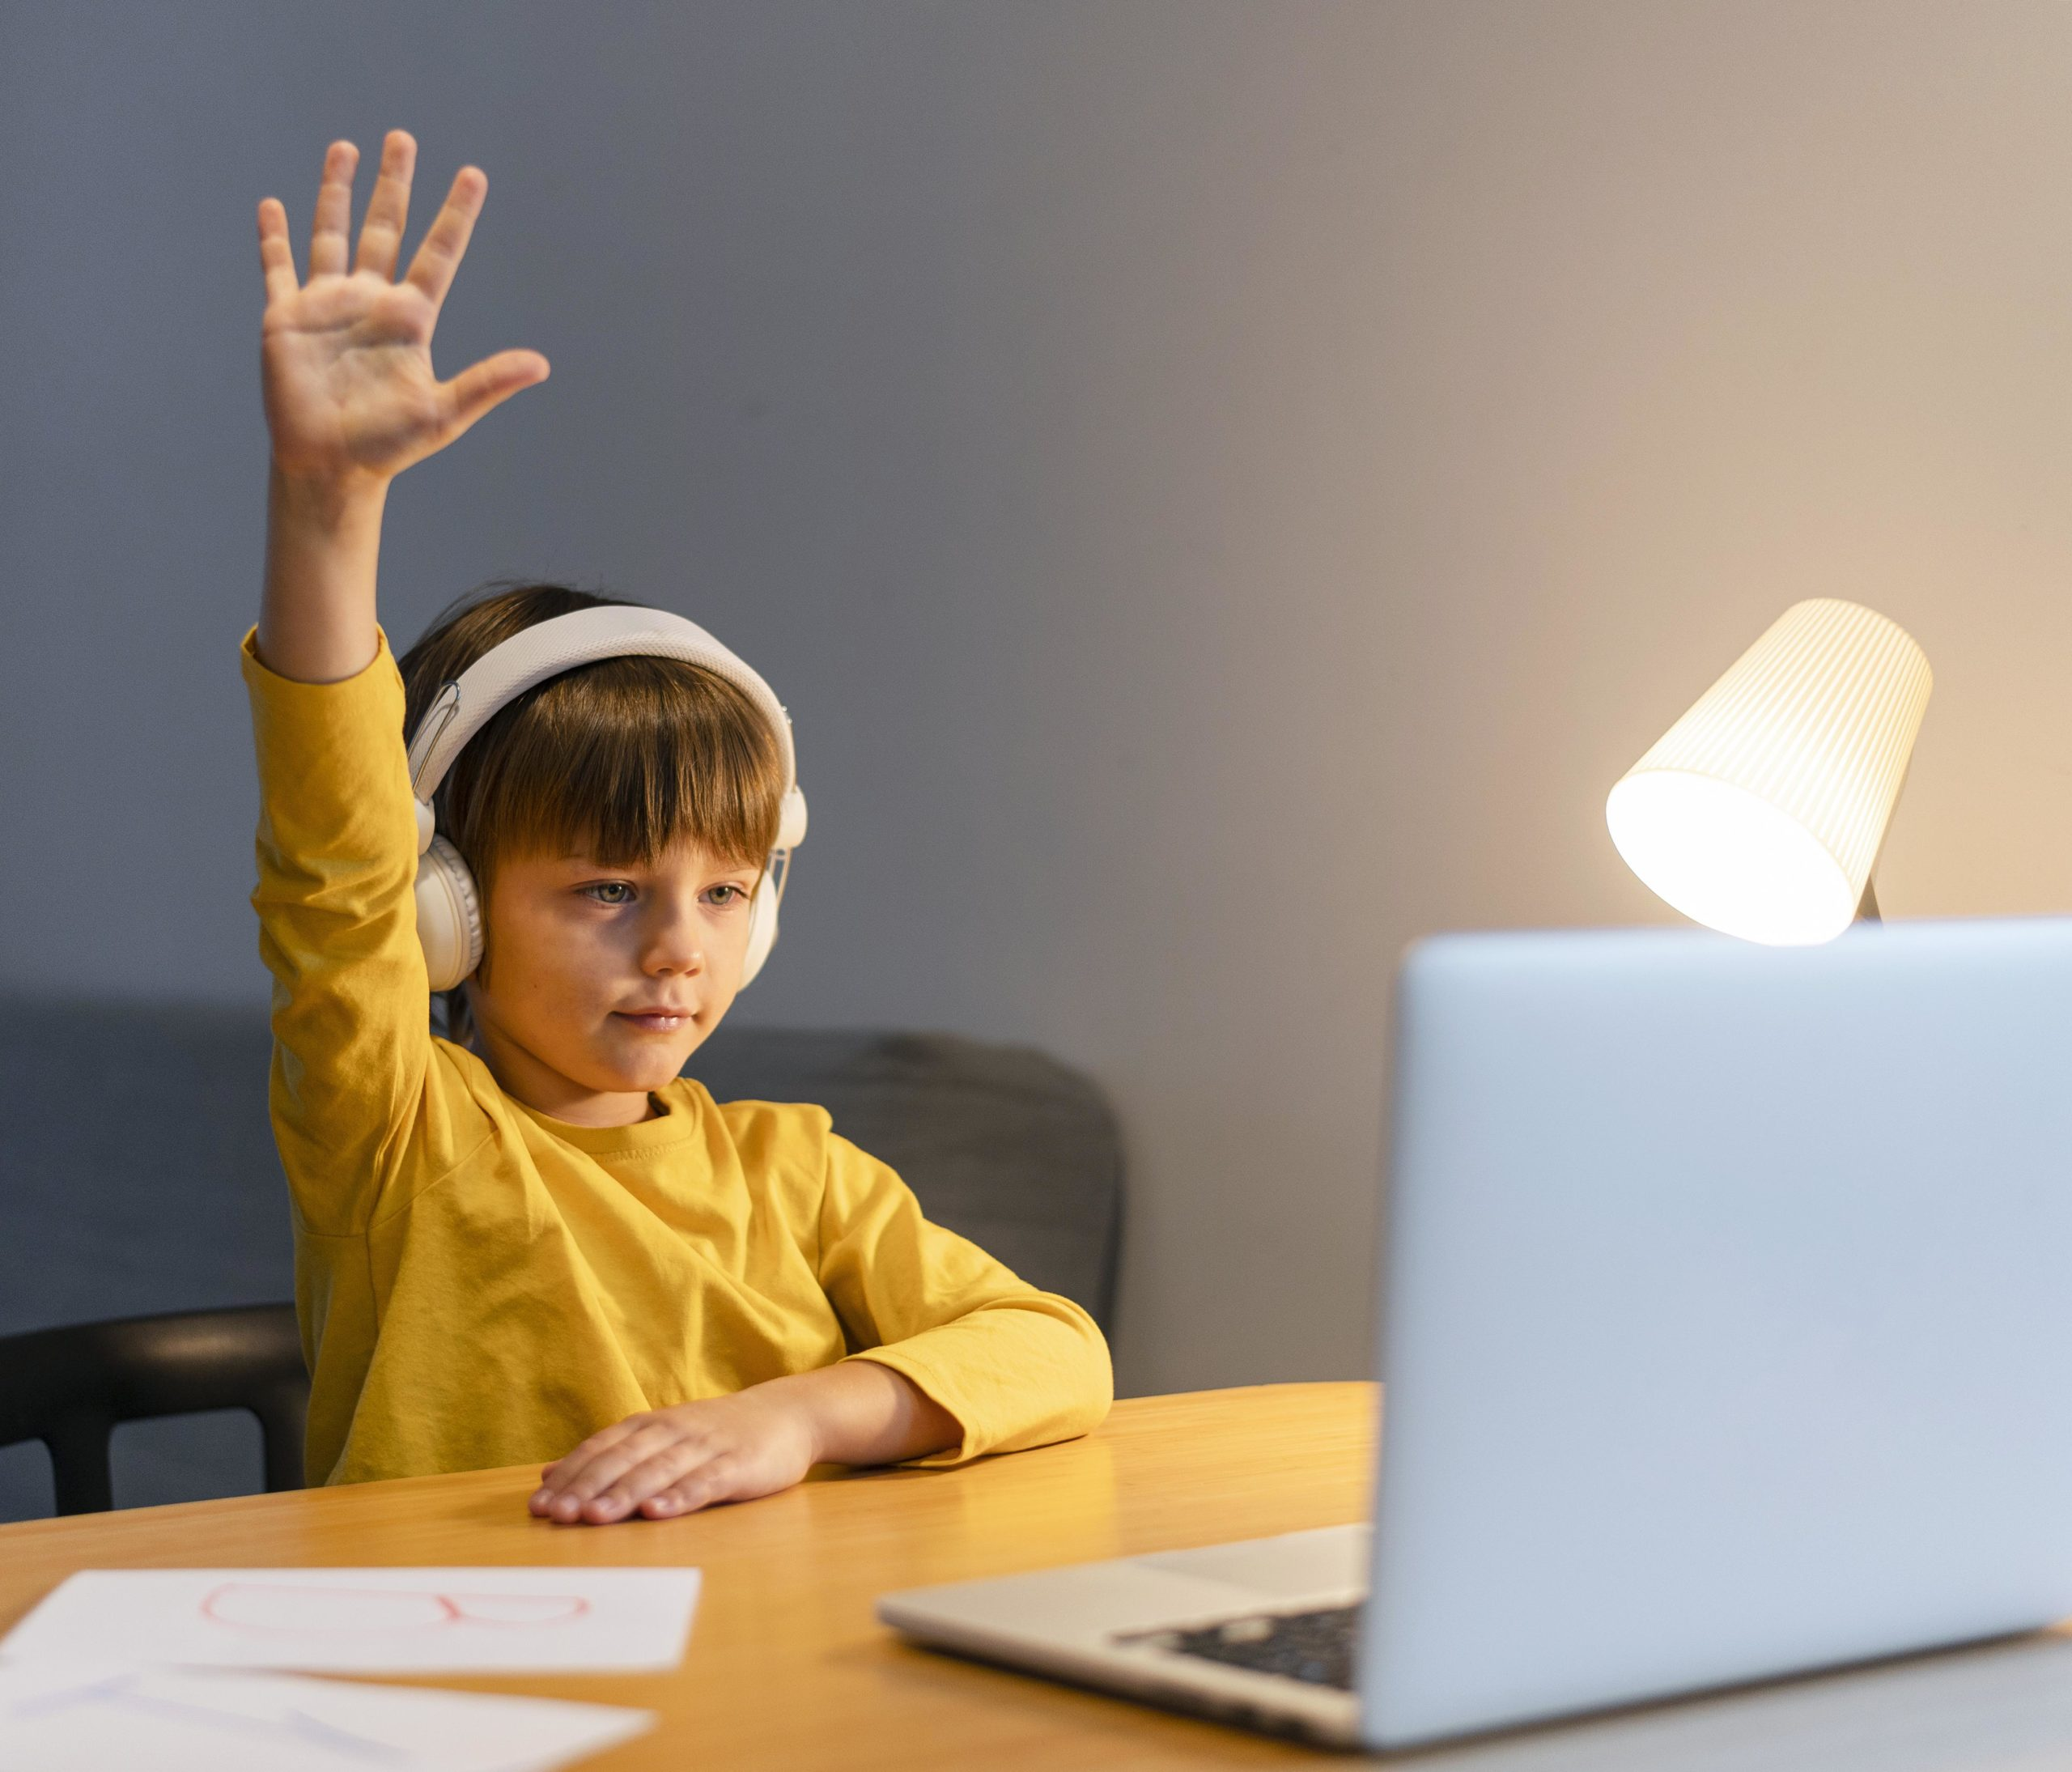 Conseguir que los alumnos, además de participar, generen curiosidad, es dar un paso más en la educación.